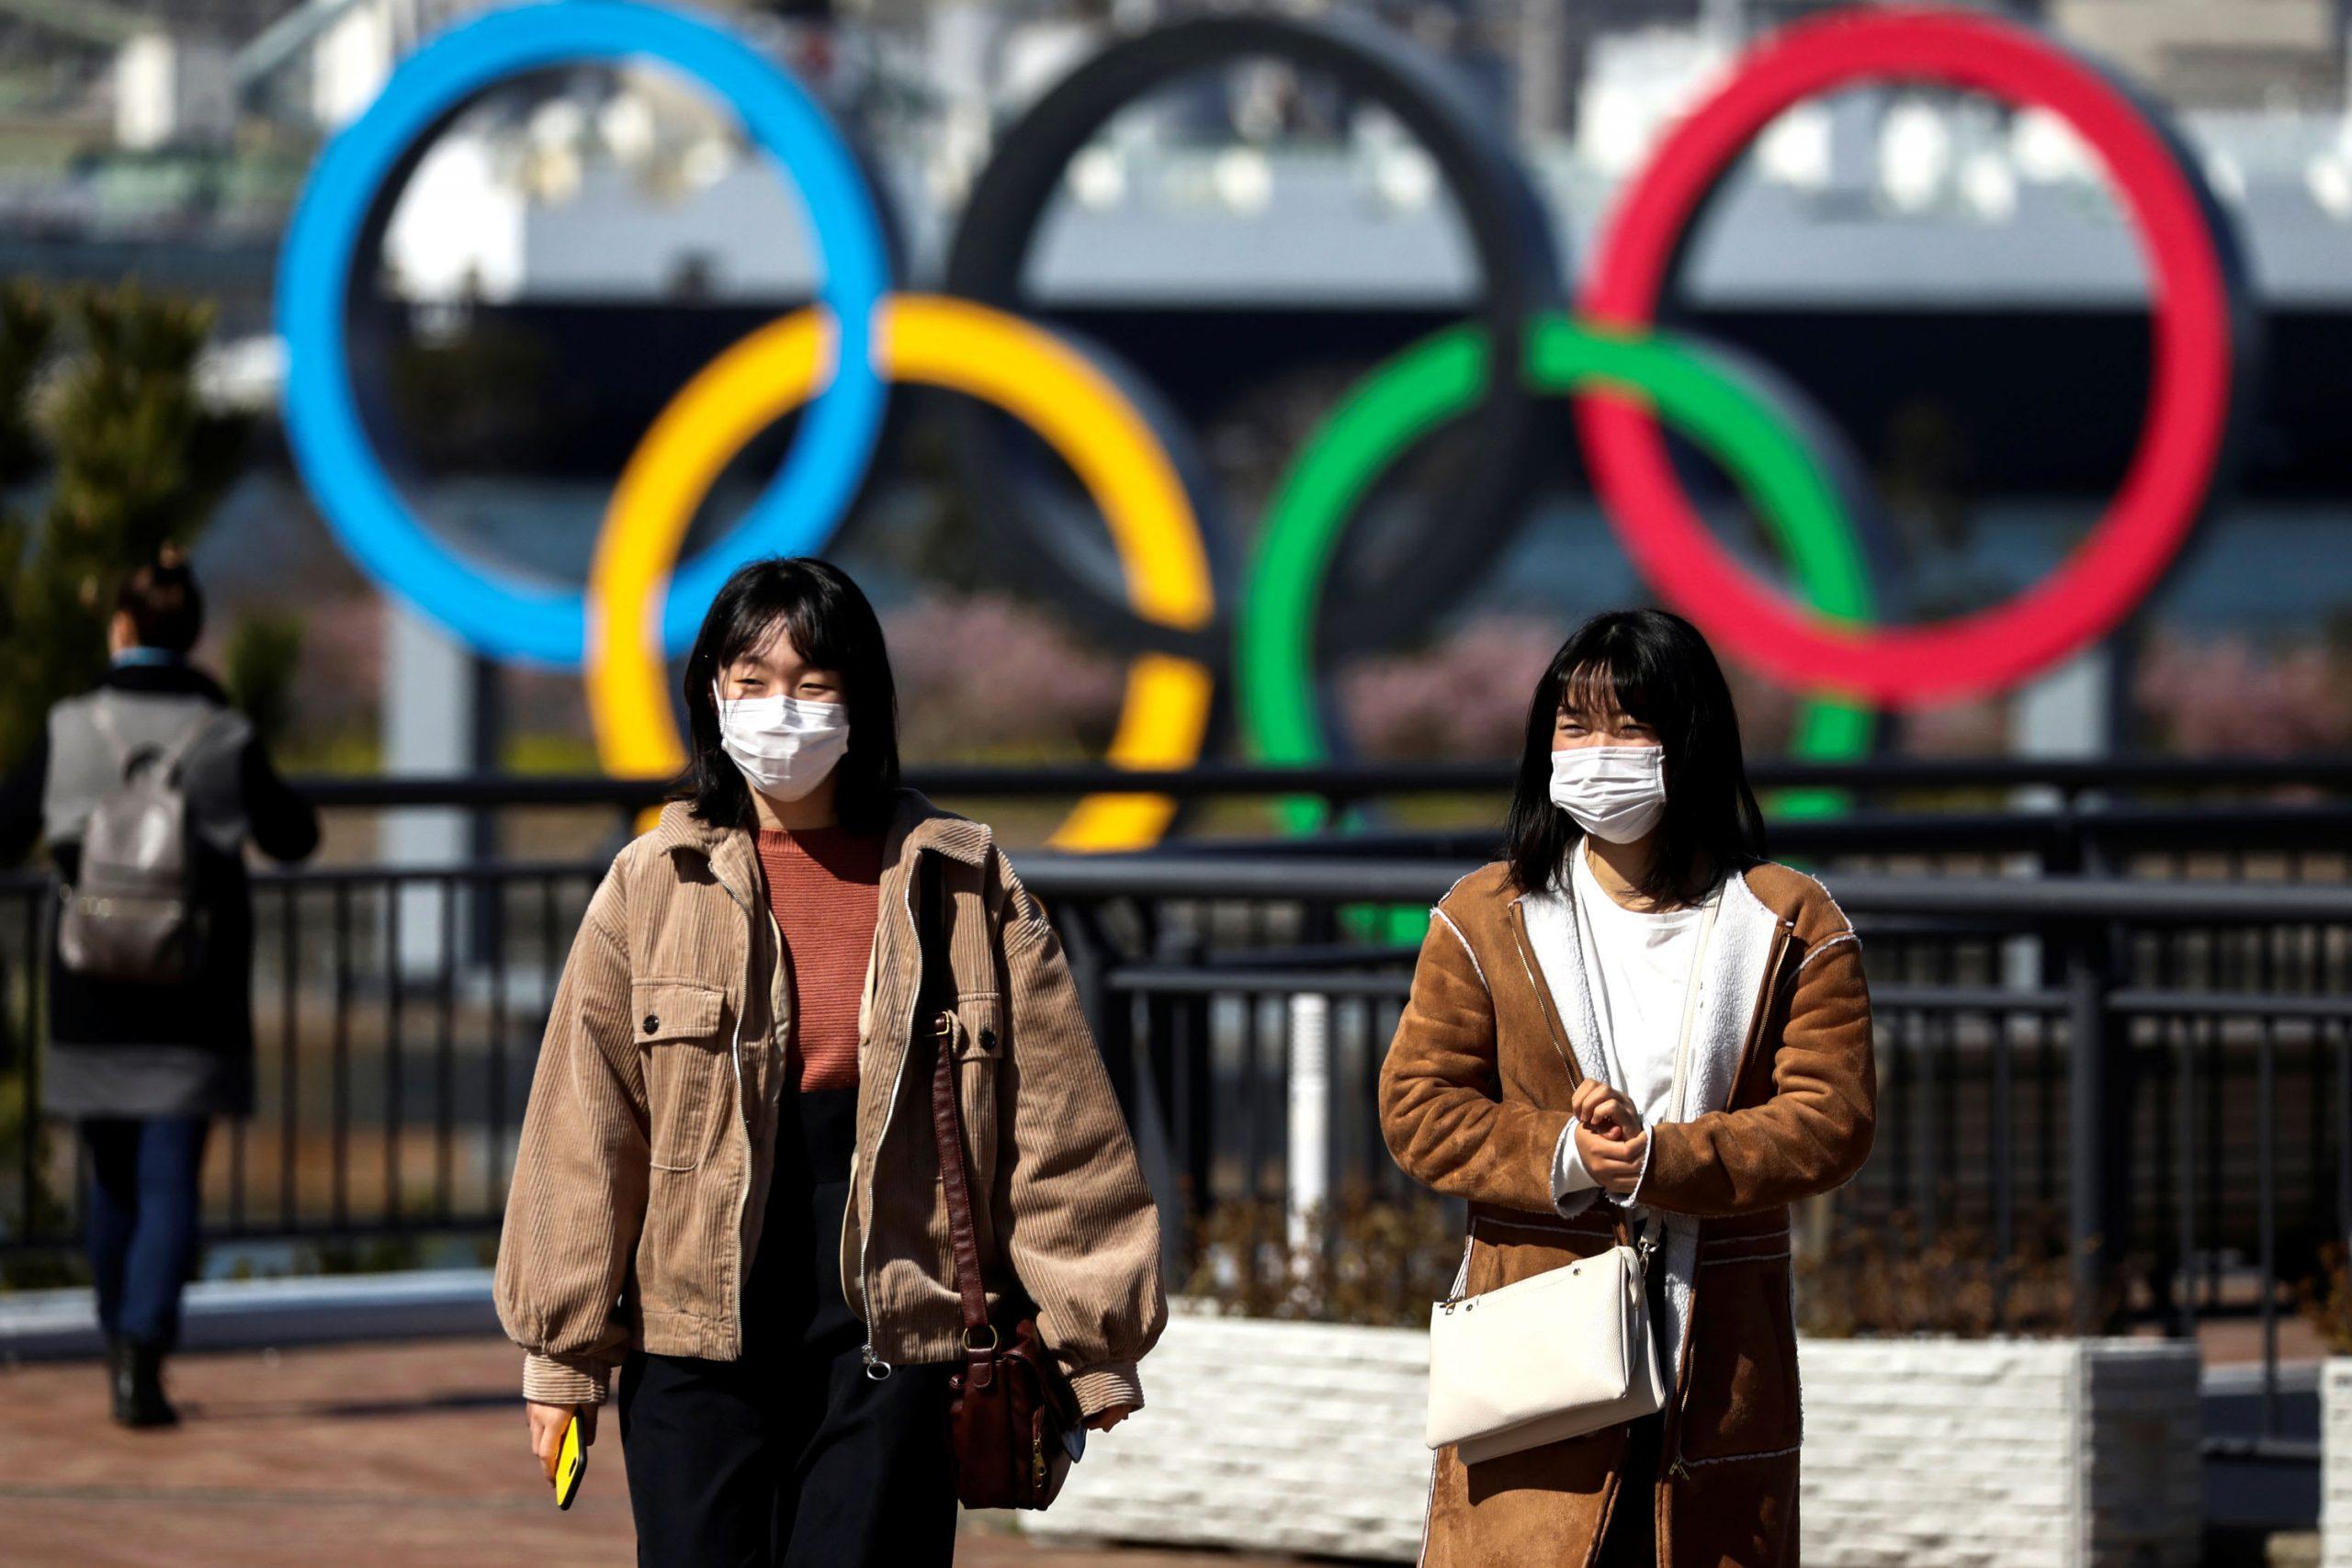 Օլիմպիական խաղերի վարկանիշային մրցաշարերը կավարտվեն 2021 թվականի հունիսին